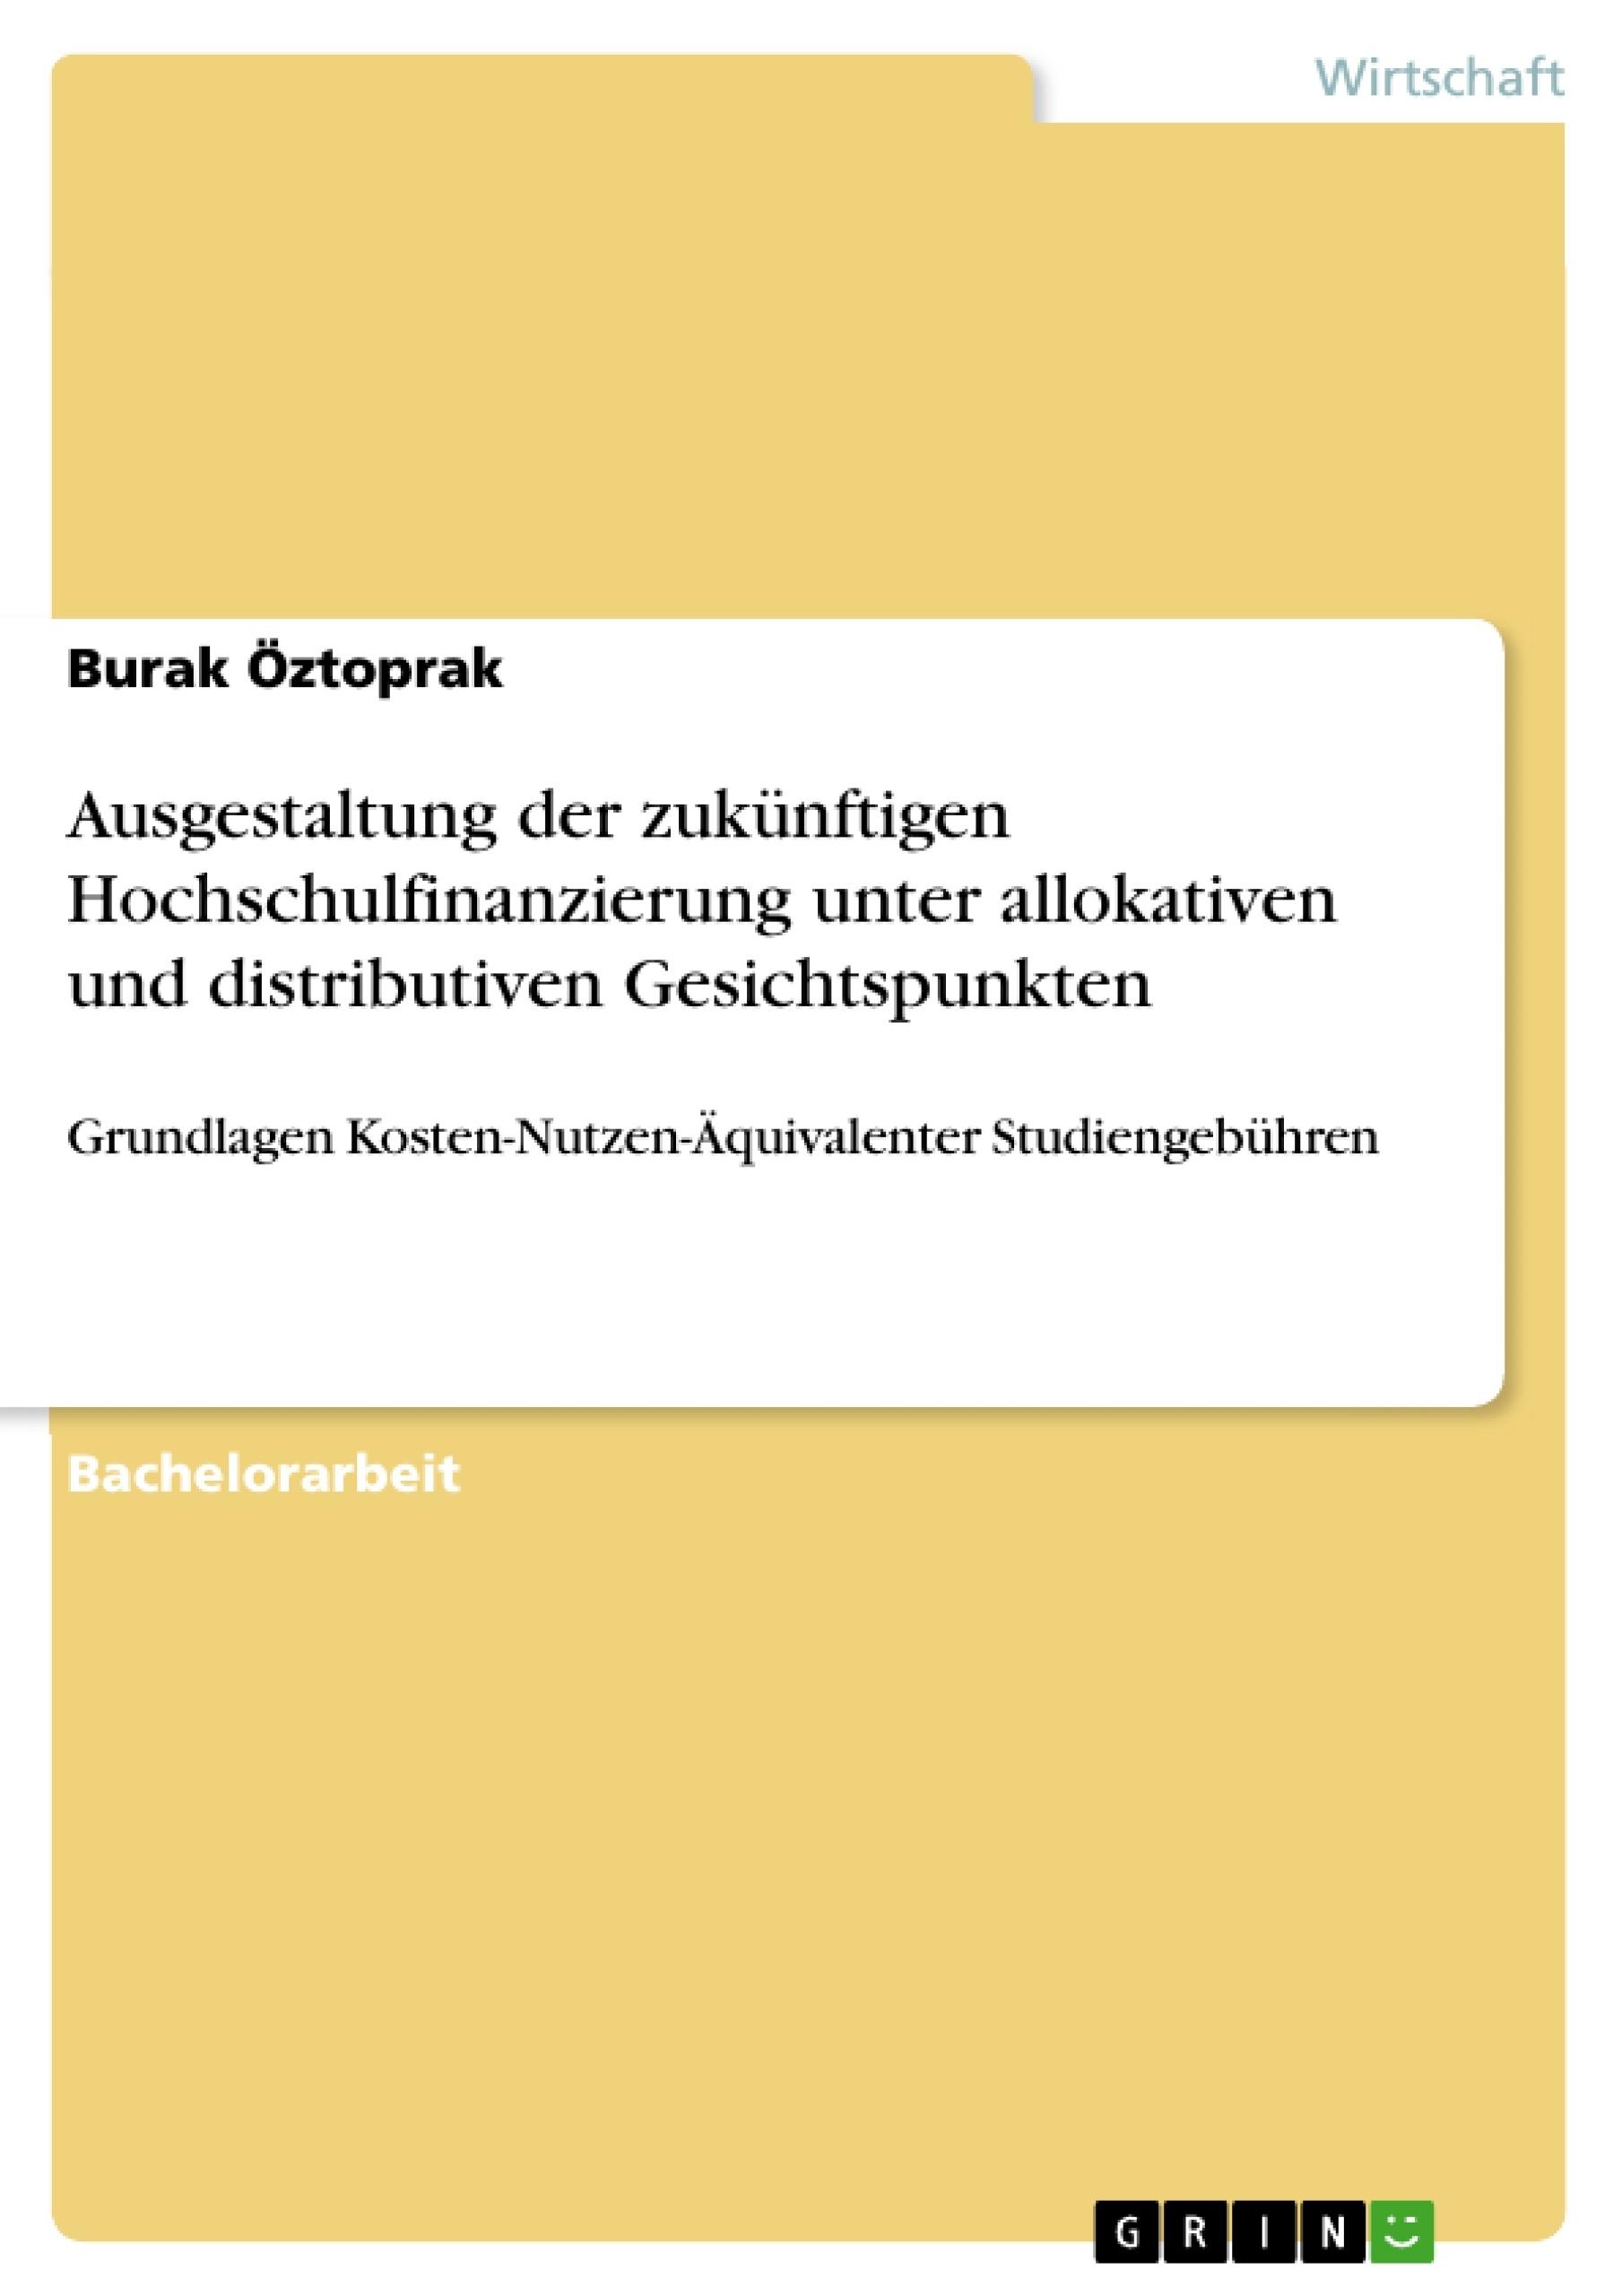 Titel: Ausgestaltung der zukünftigen Hochschulfinanzierung unter allokativen und distributiven Gesichtspunkten